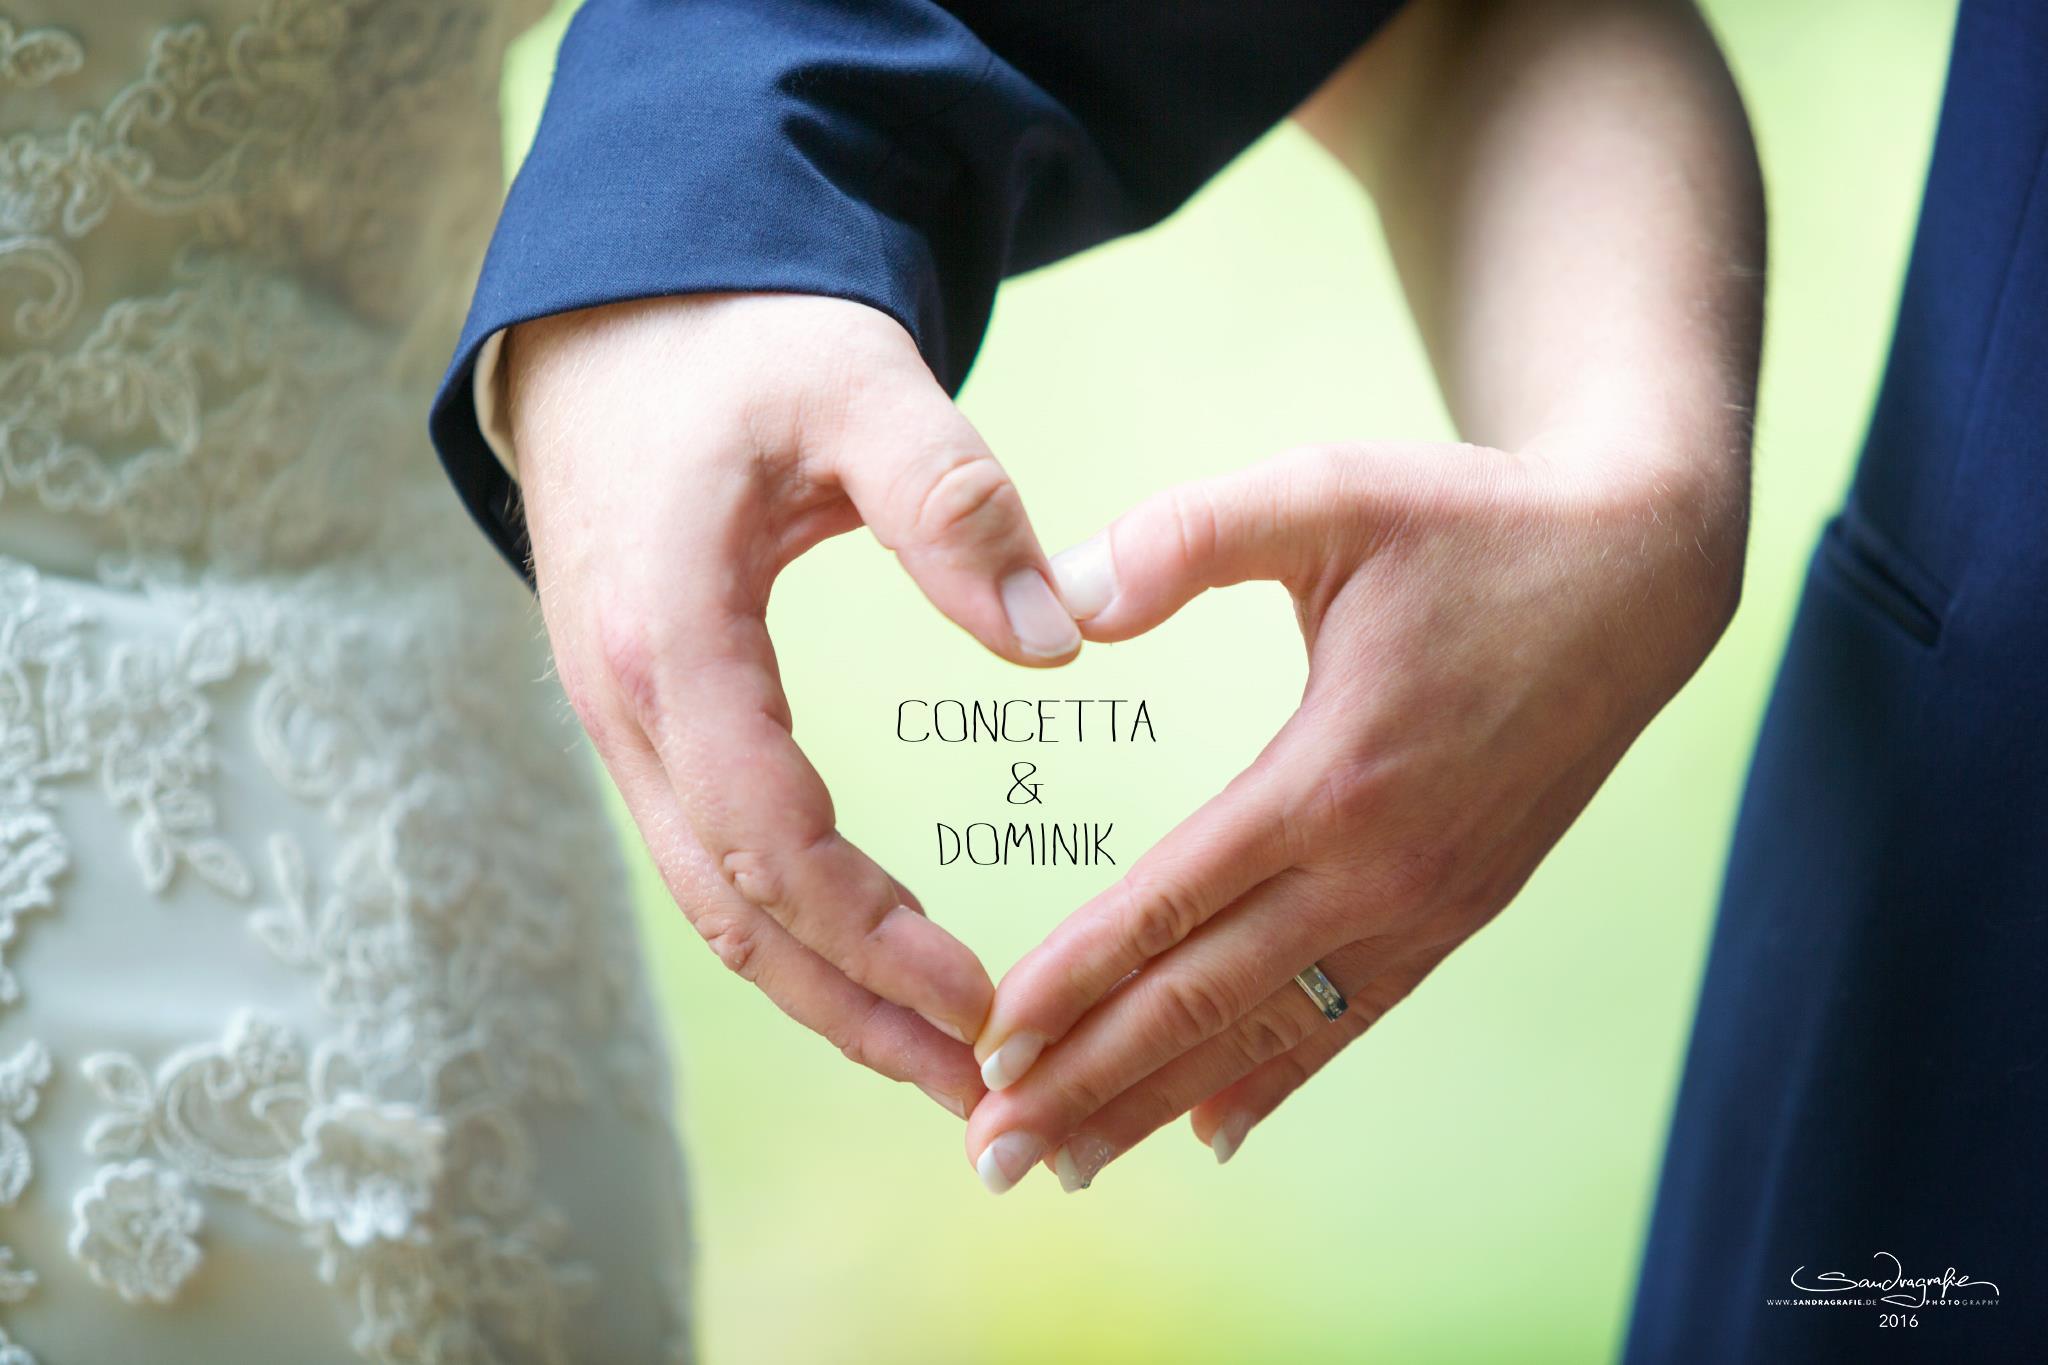 Concetta & Dominik